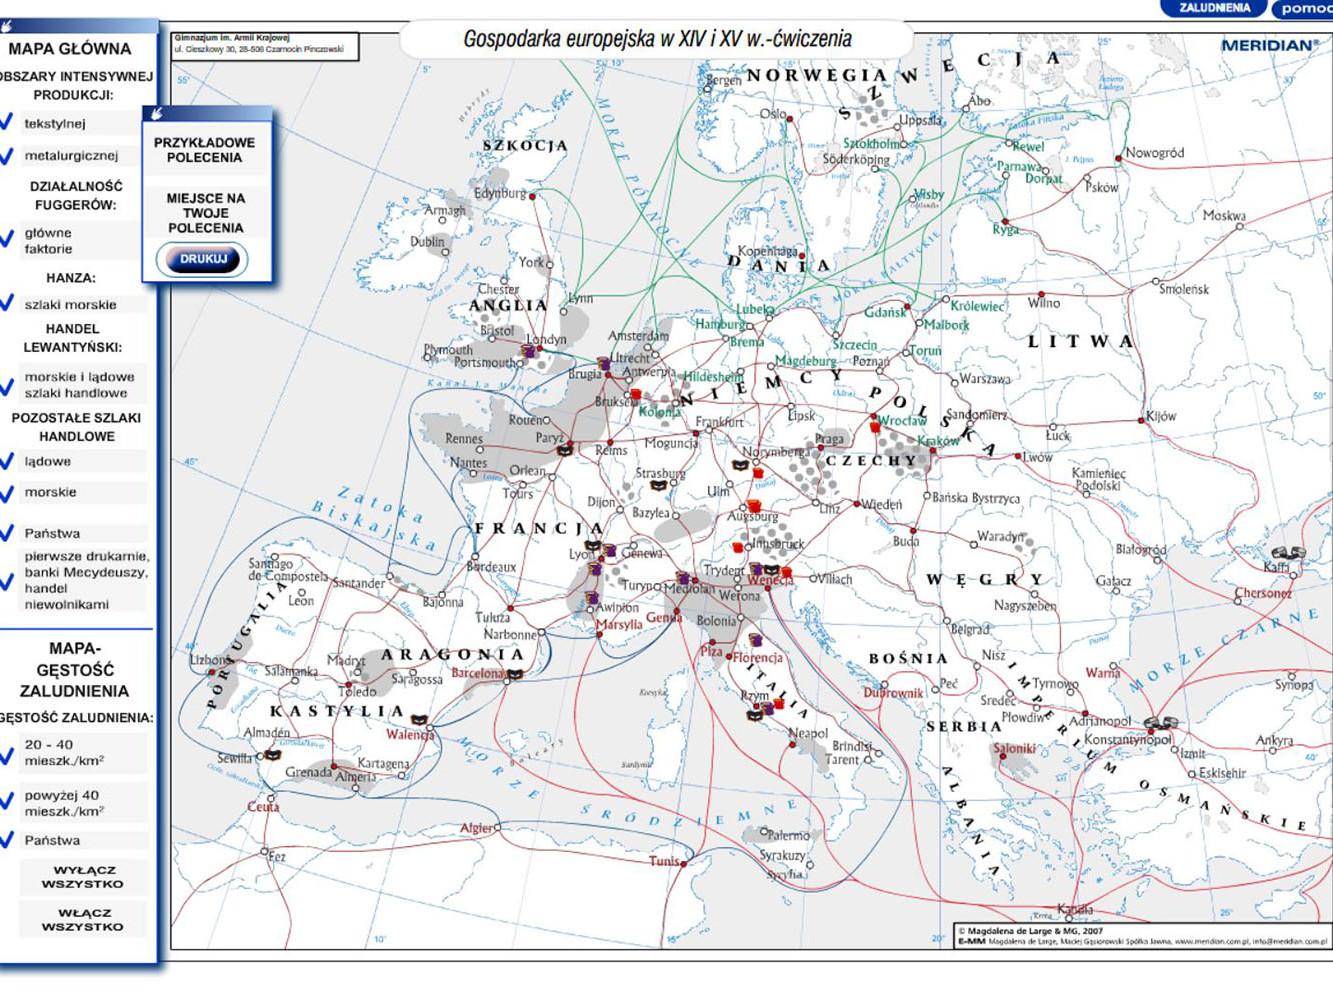 Gospodarka europejska w XIV i XV w